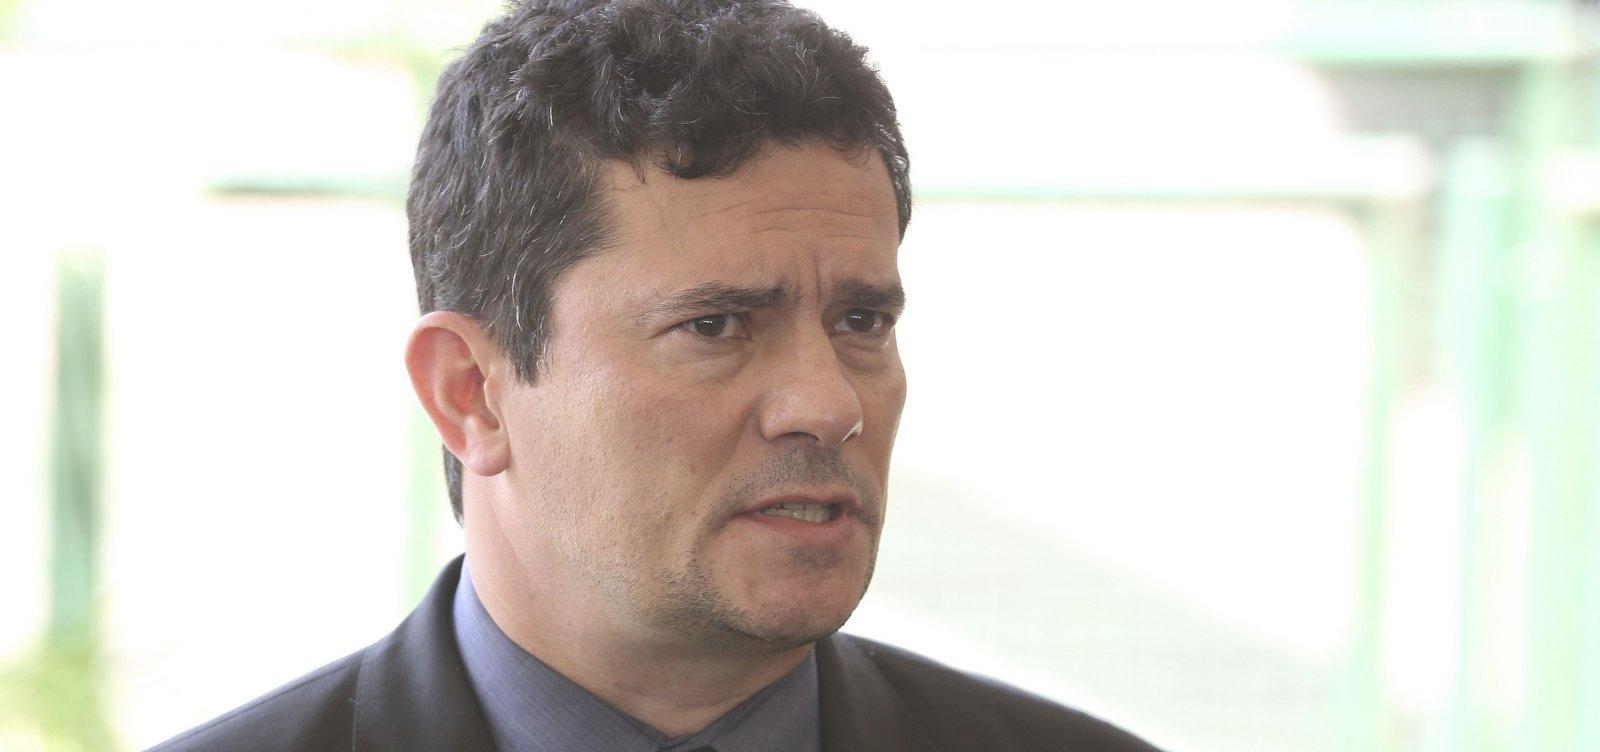 [Moro foge de perguntas sobre investigação do Coaf contra família Bolsonaro]